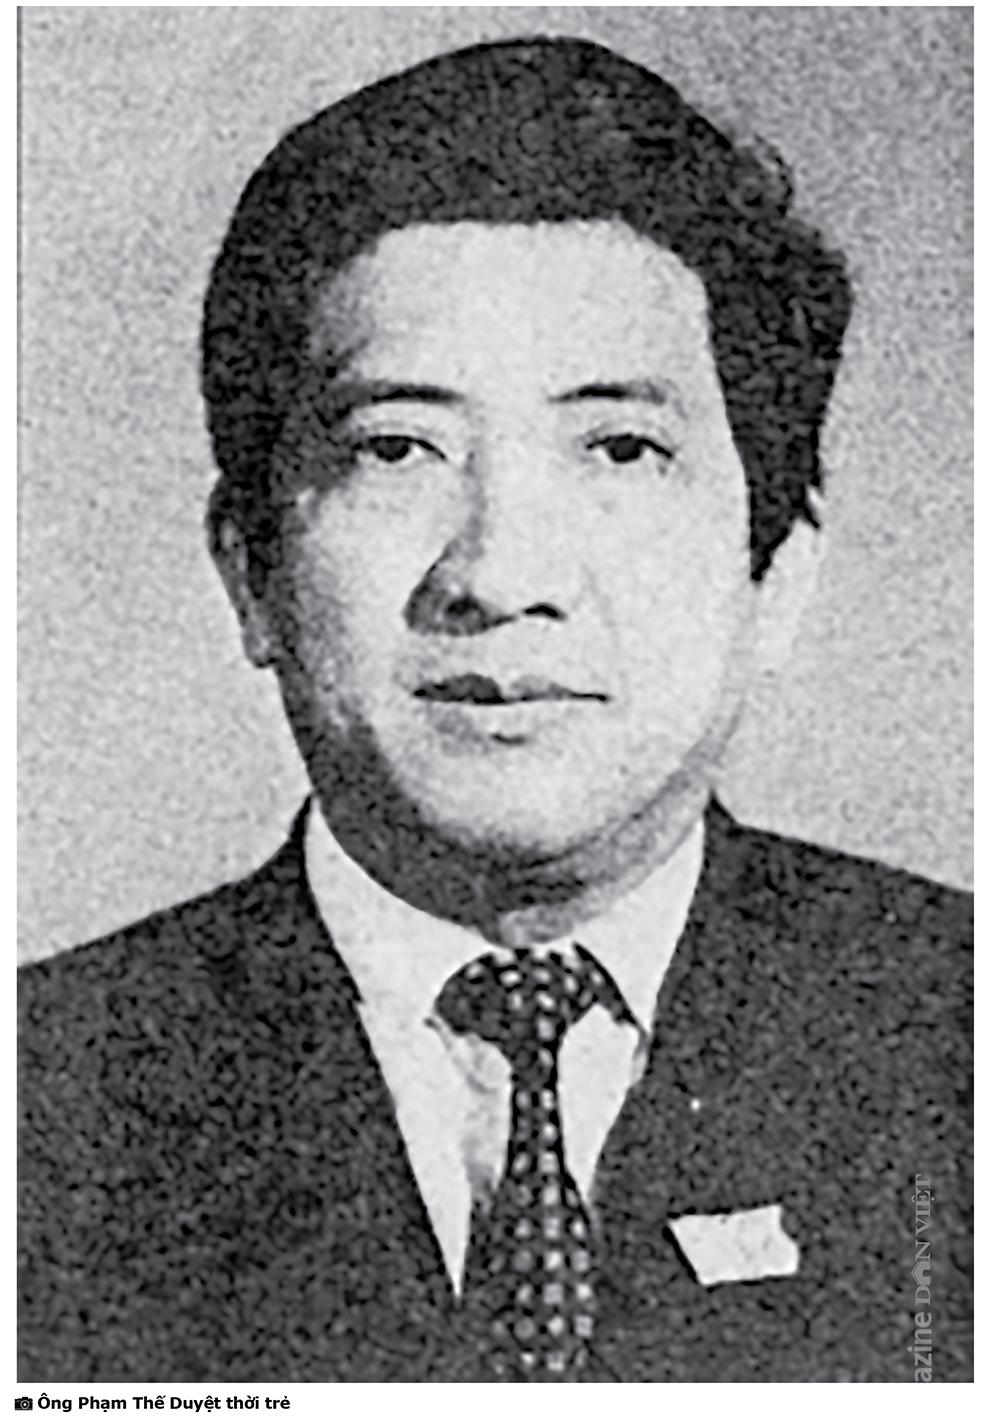 Ông Phạm Thế Duyệt: Không giải quyết công việc theo kiểu đối đầu với dân (Kỳ 1) - Ảnh 21.